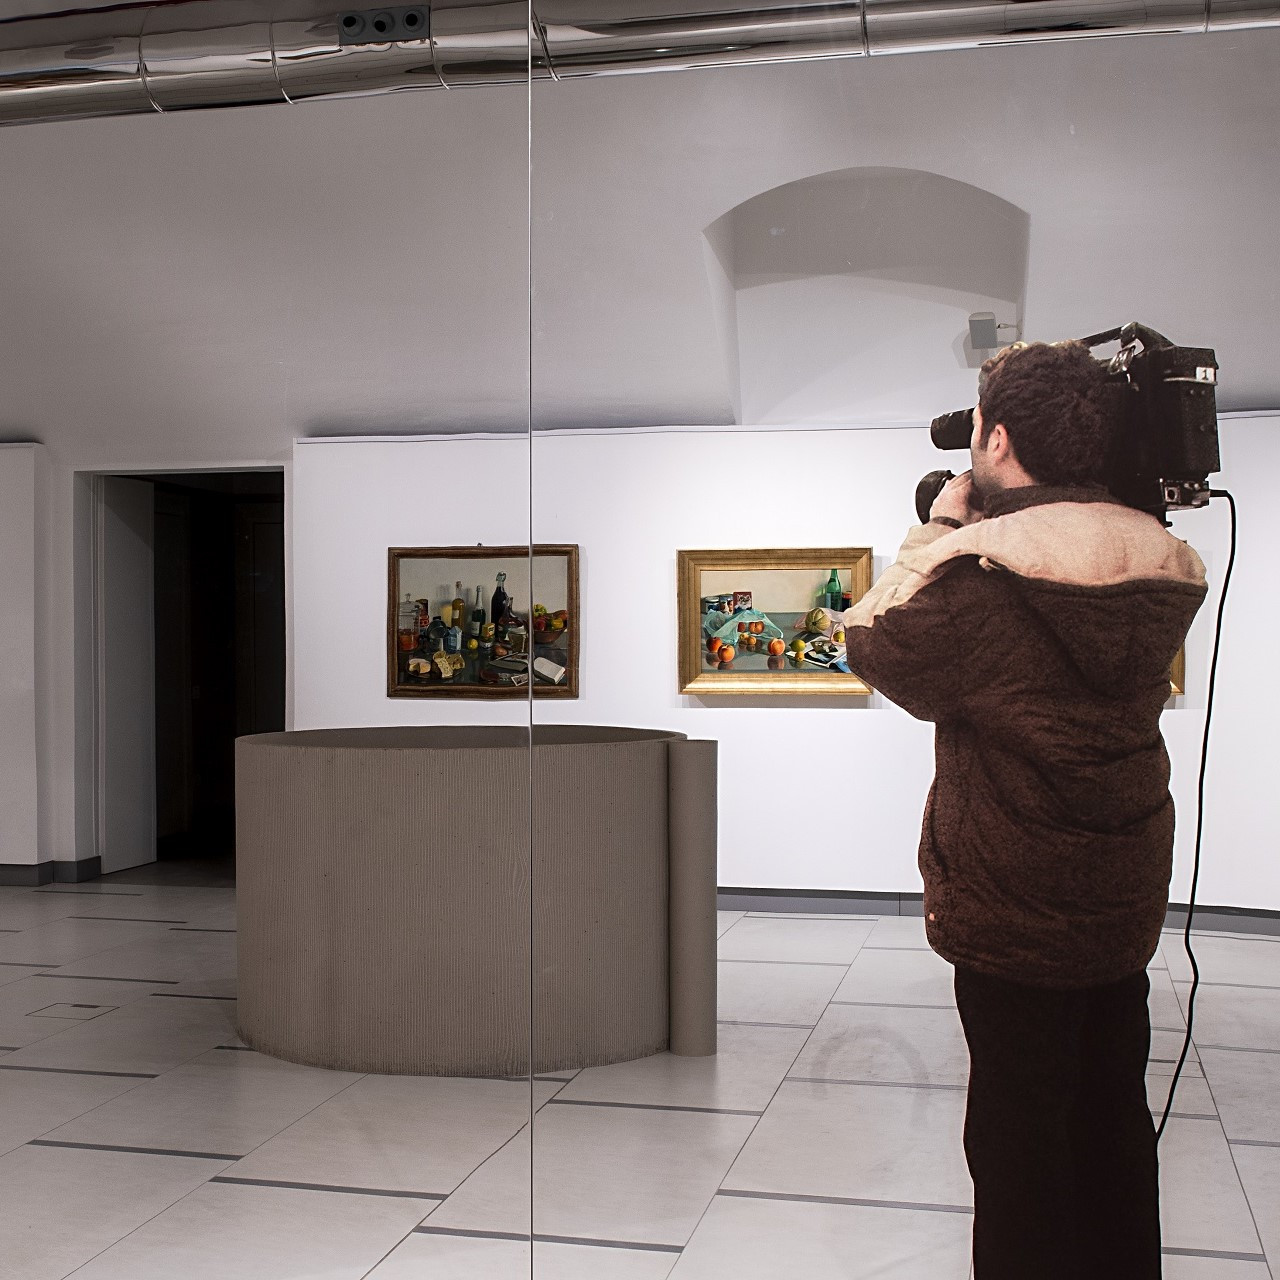 Padre e figlio | Michelangelo Pistoletto e Ettore Pistoletto Olivero